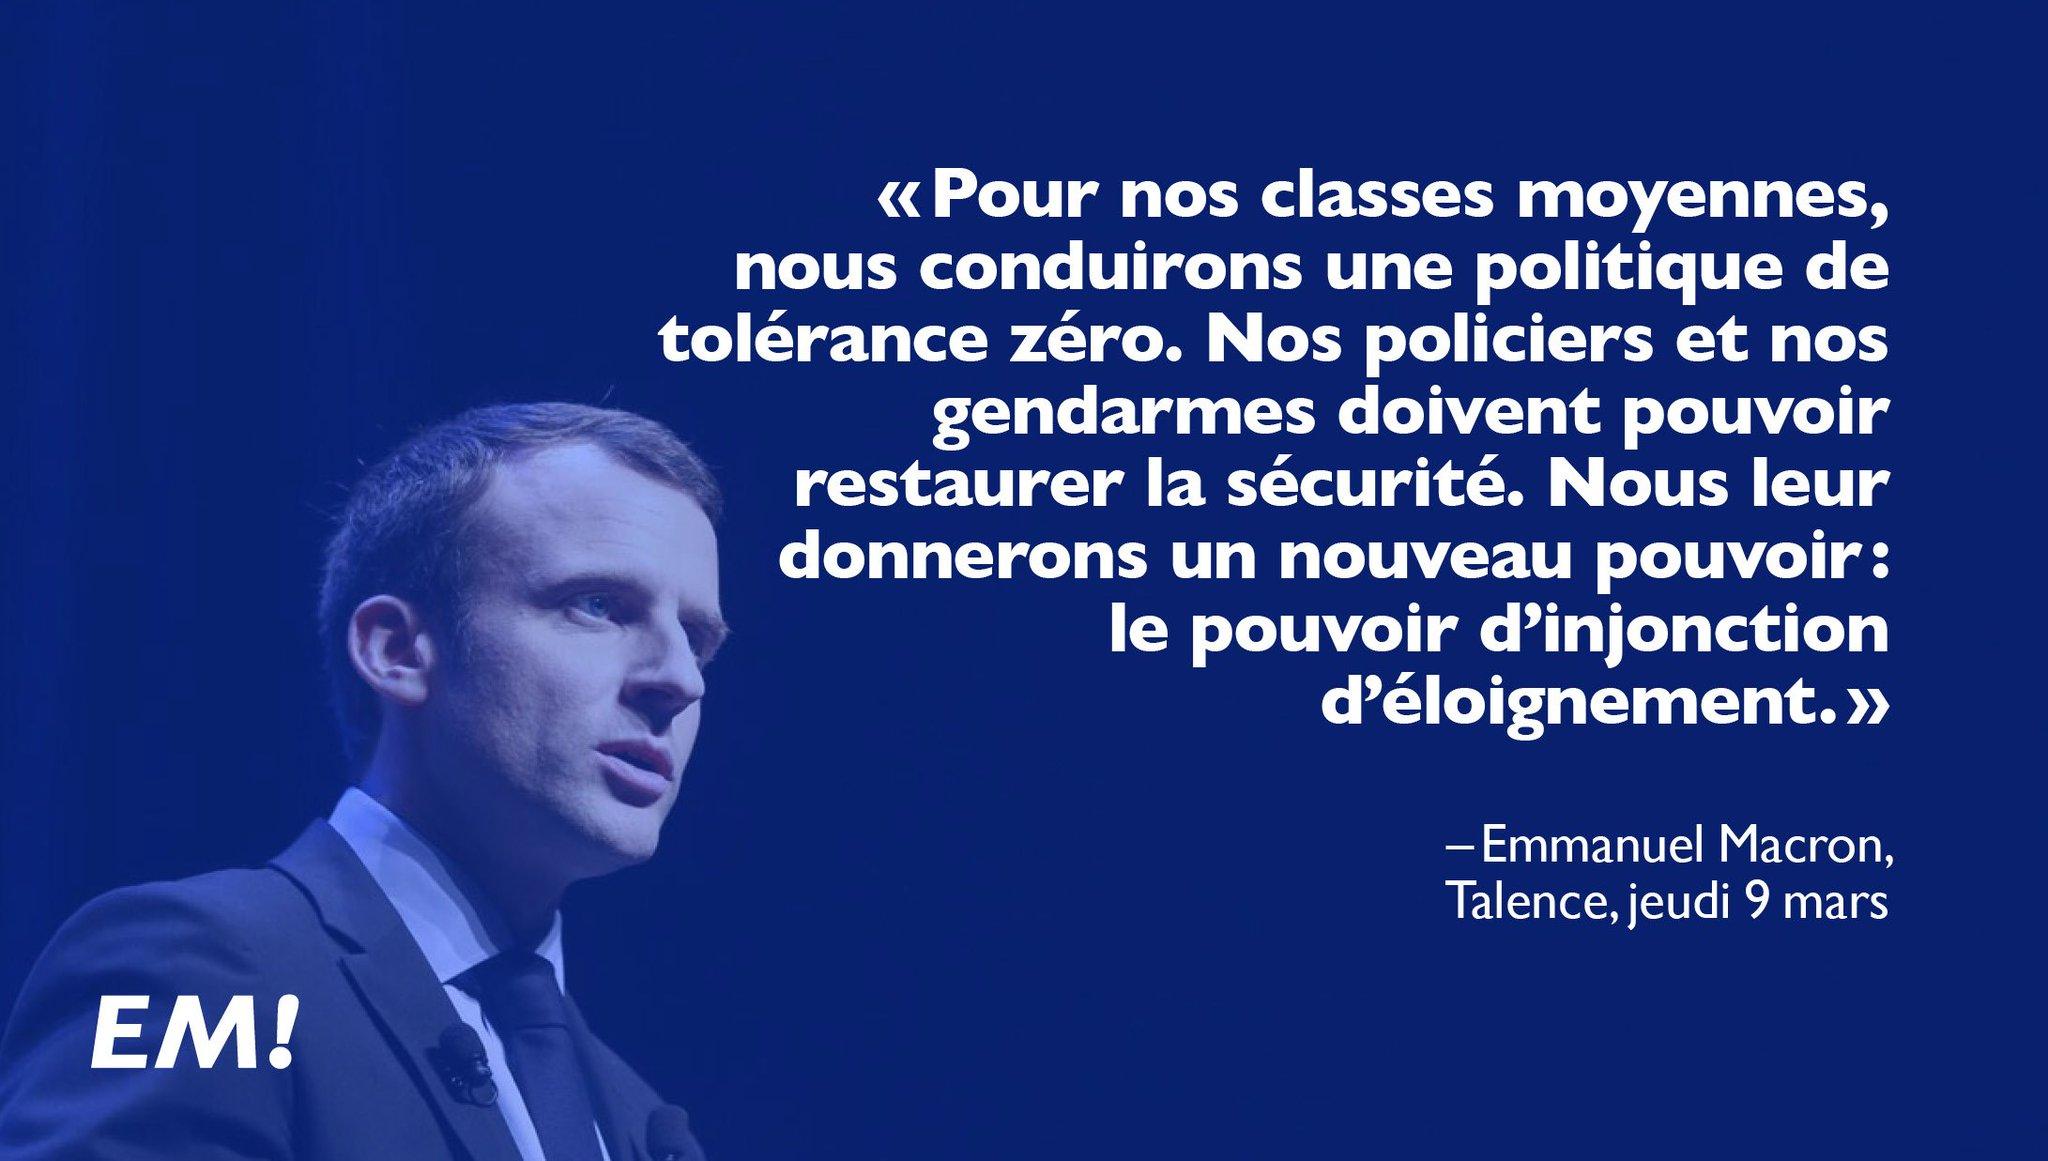 Nous conduirons une politique de tolérance zéro. La sécurité doit pouvoir être restaurée. #MacronGironde https://t.co/BeAgOQiJ6S